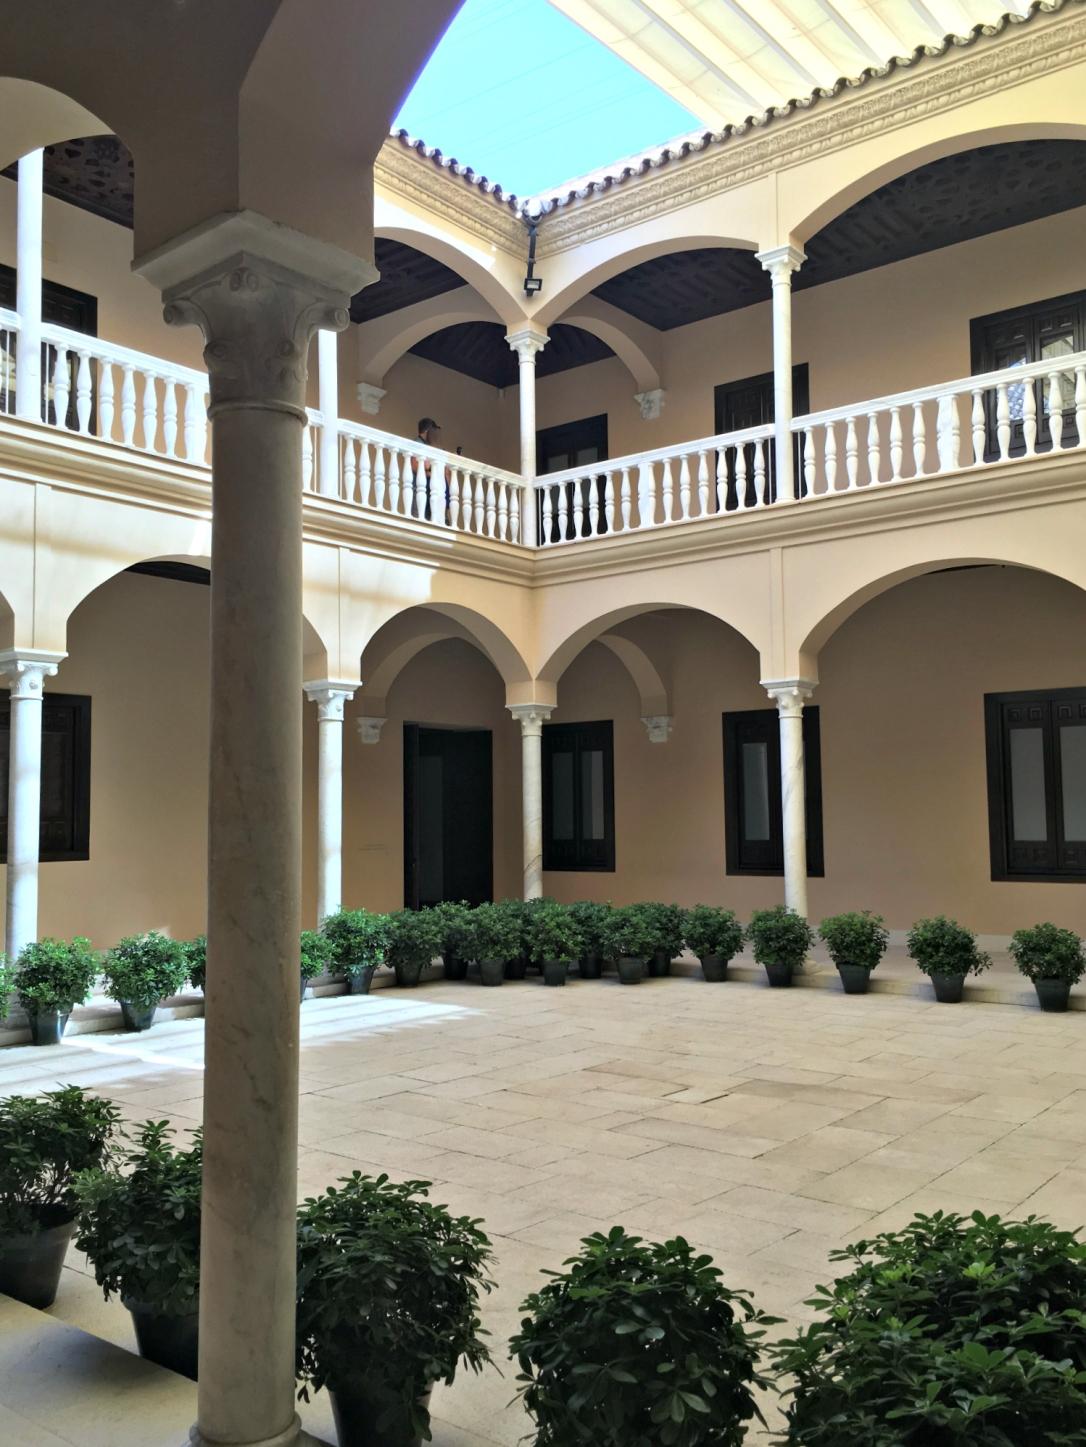 visita_museo_picasso_malaga_patio